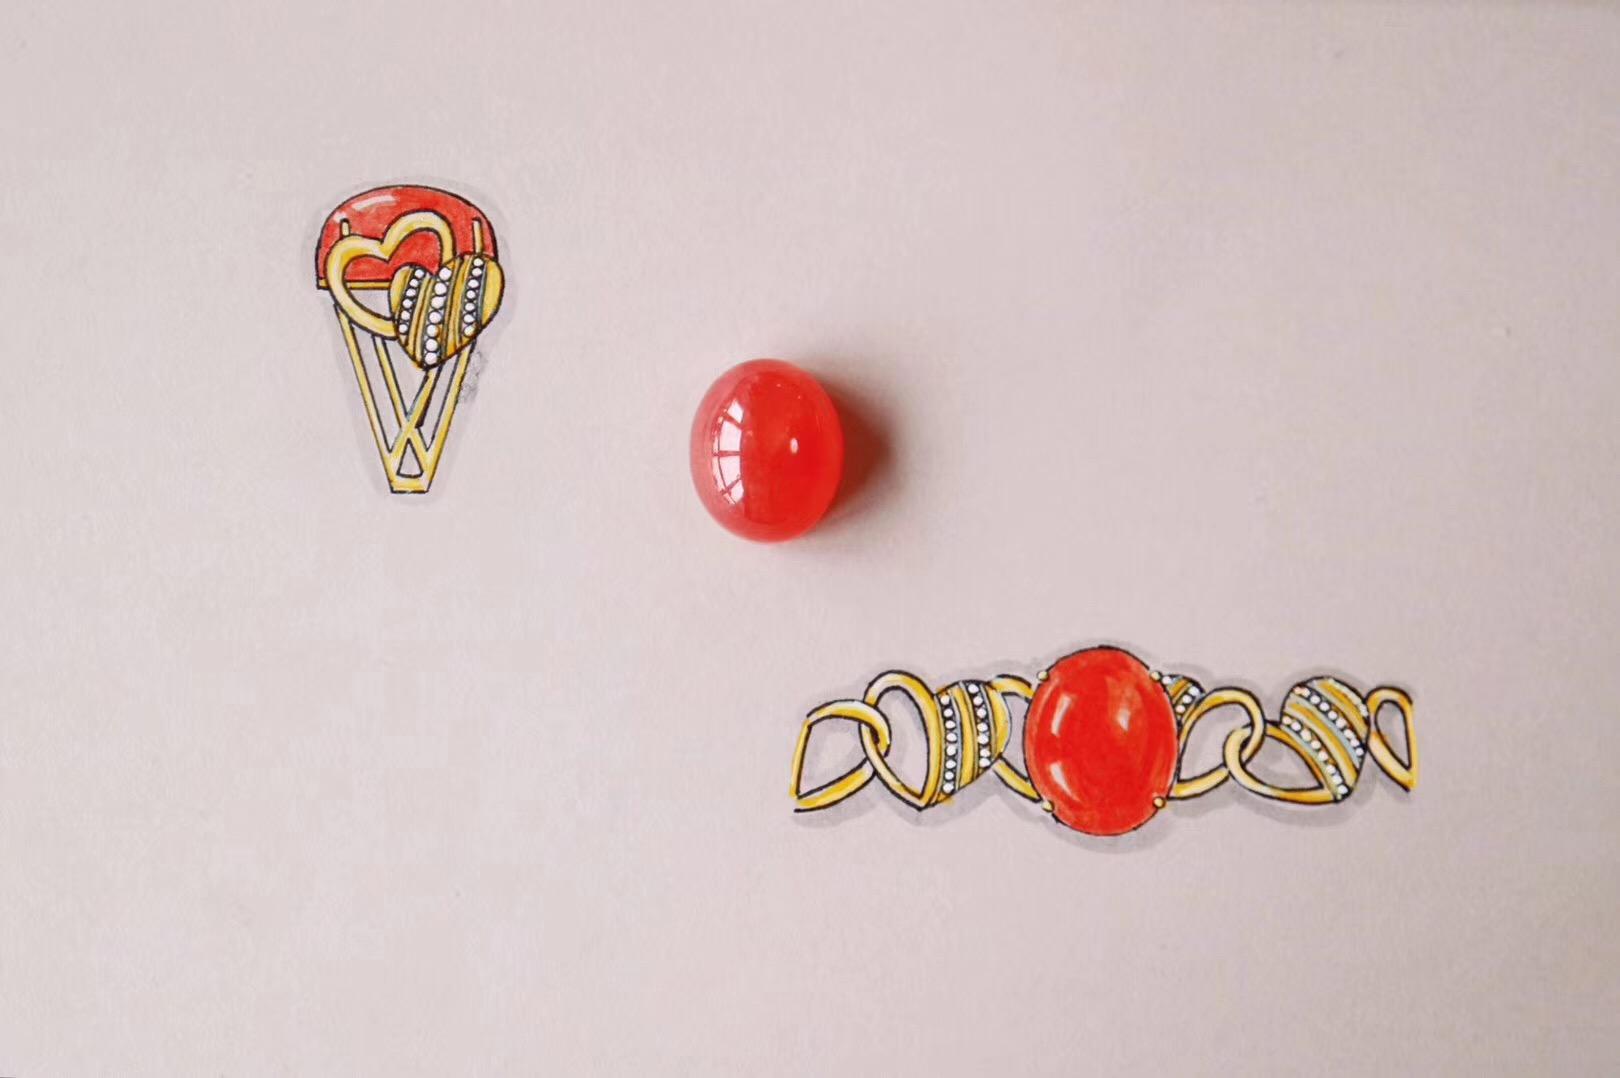 【菩心-红纹石&爱心戒】最好的恋爱关系,就是一起去完成某项事情-菩心晶舍